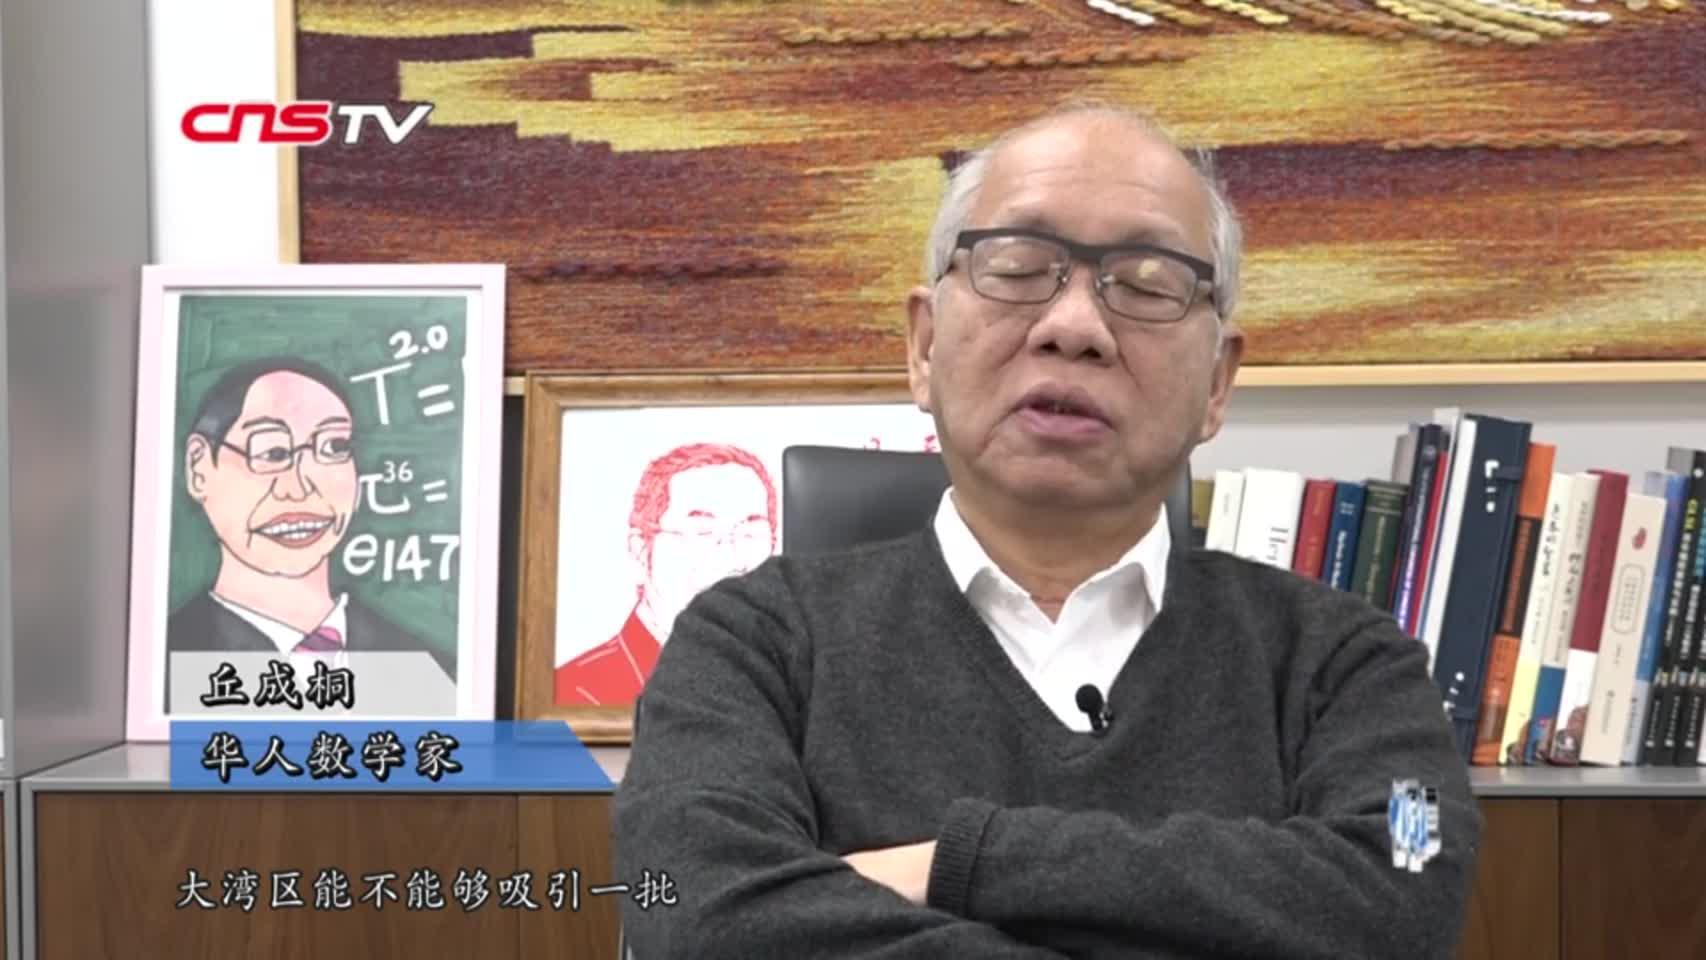 华人数学家丘成桐:粤港澳大湾区为华侨华人创造新机遇